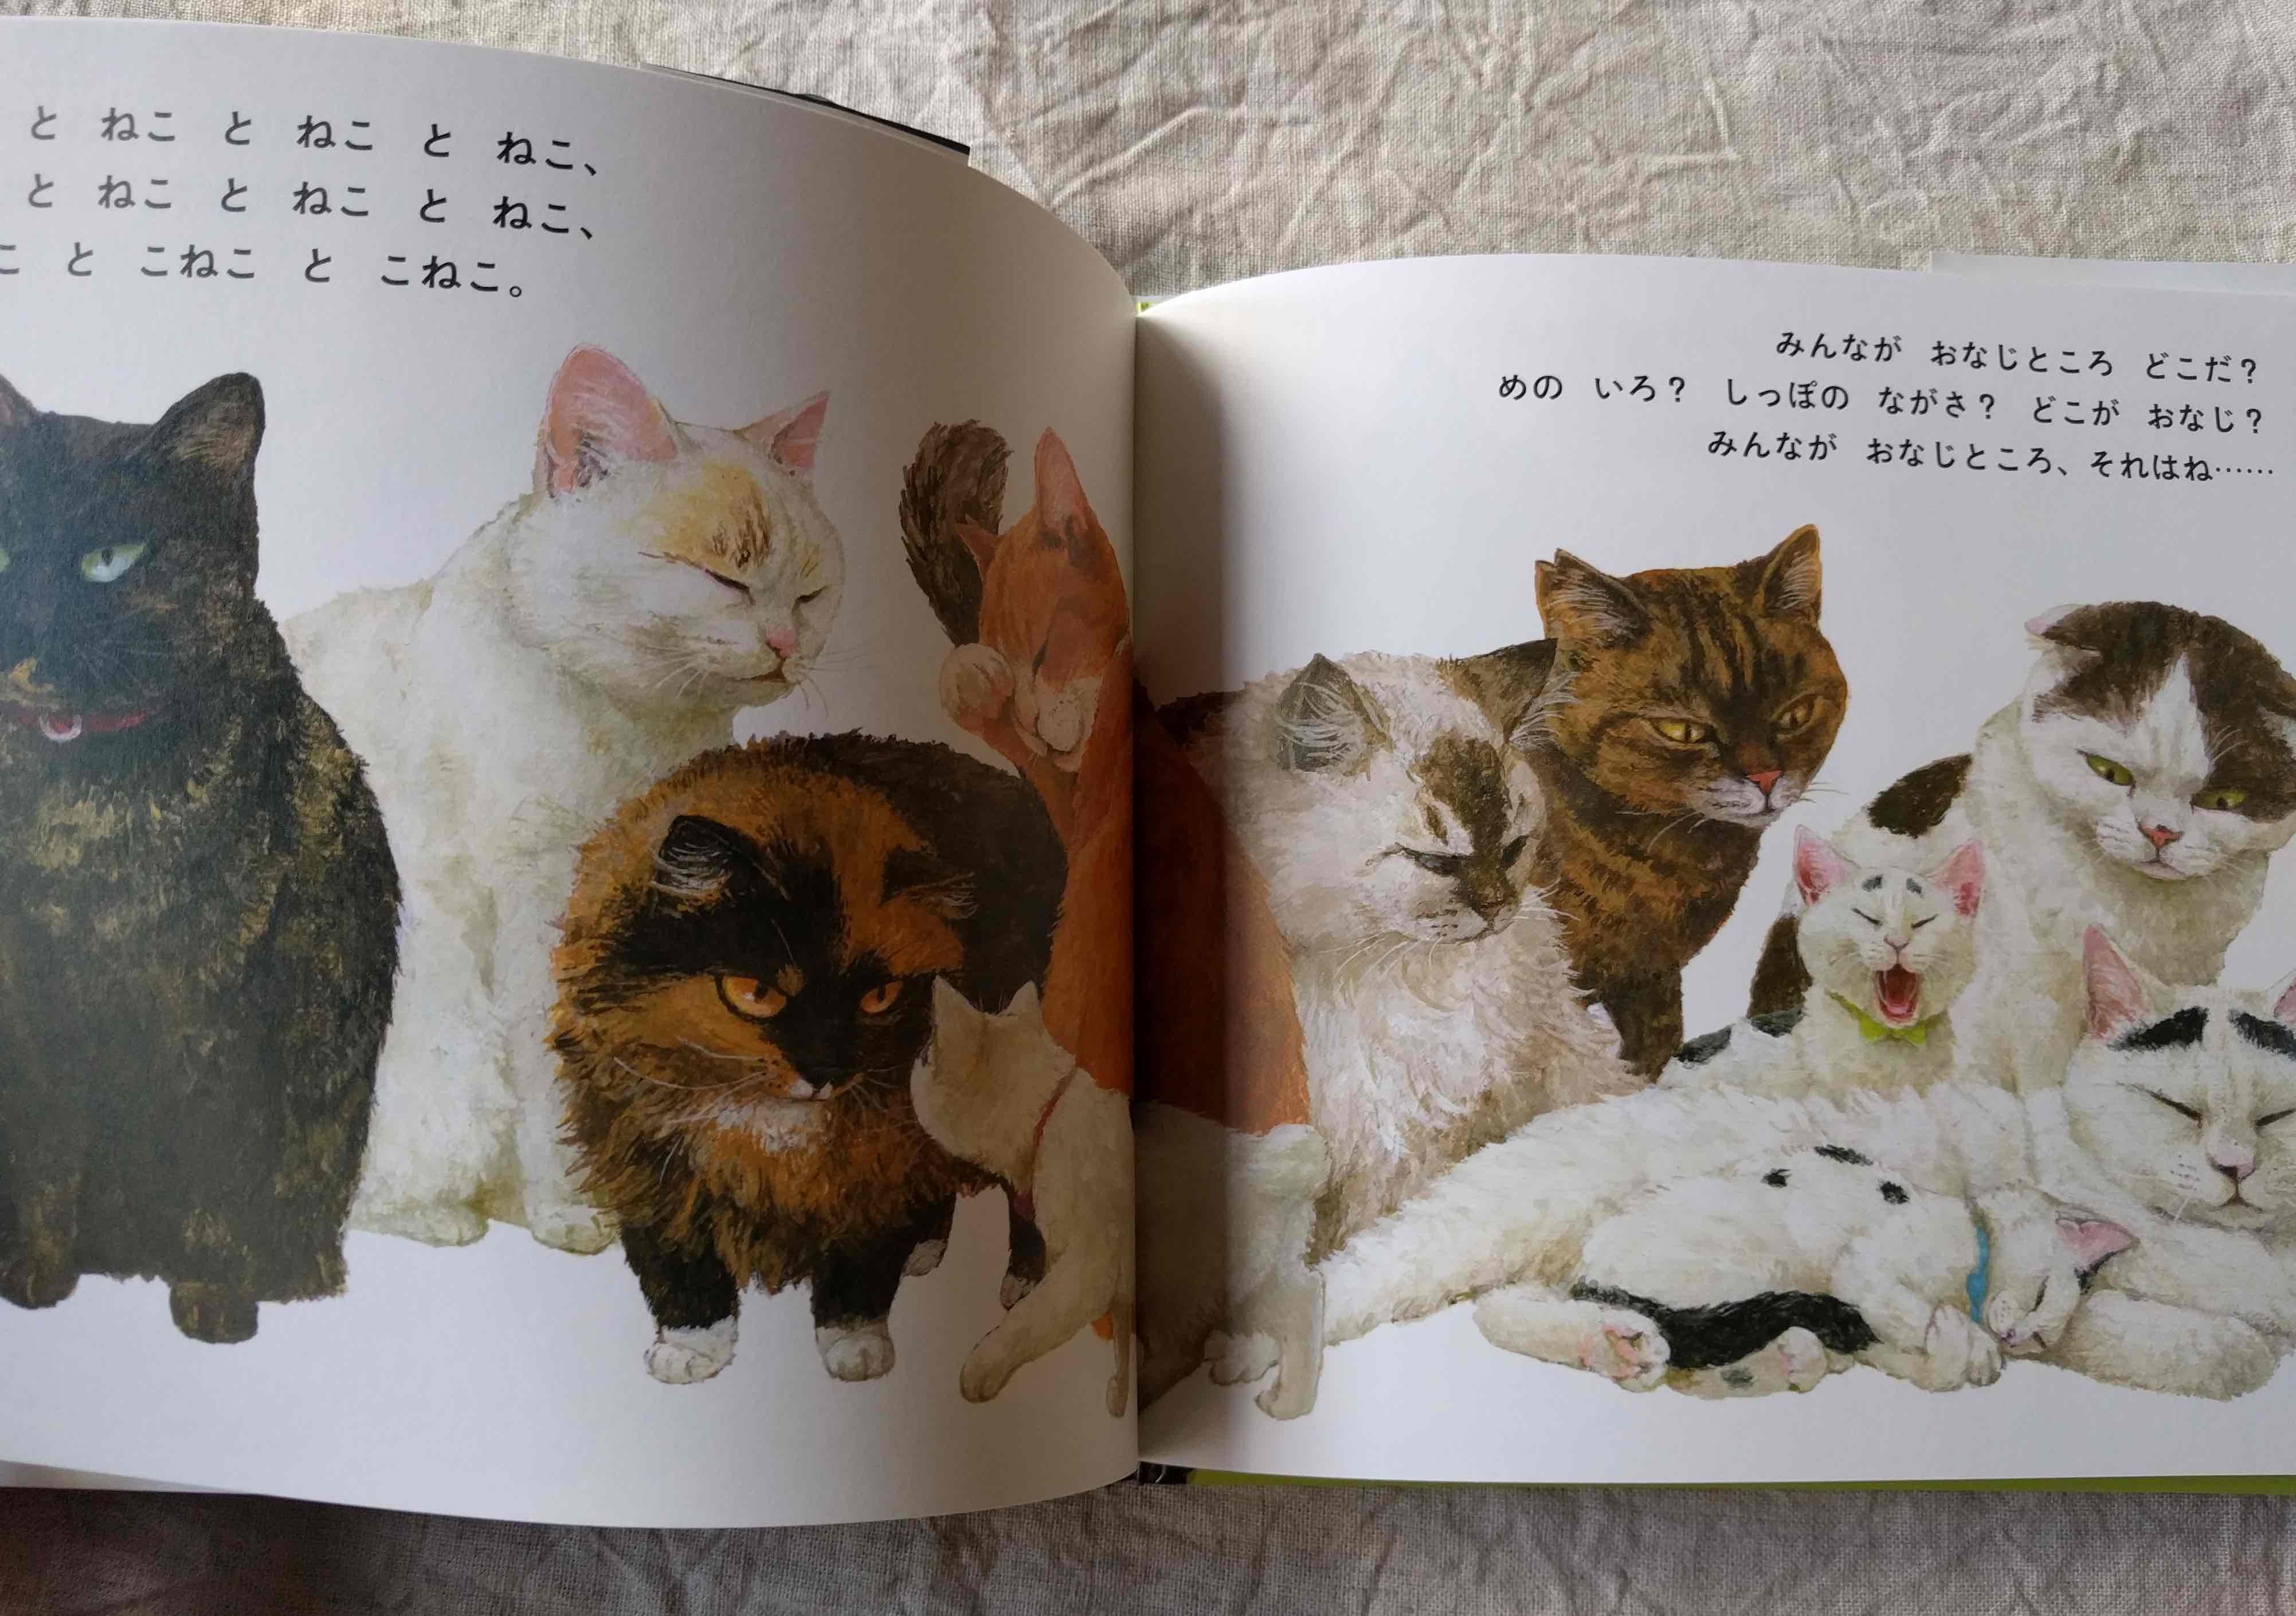 町田尚子さんの新刊絵本「ねことねこ」_a0265743_23244686.jpg